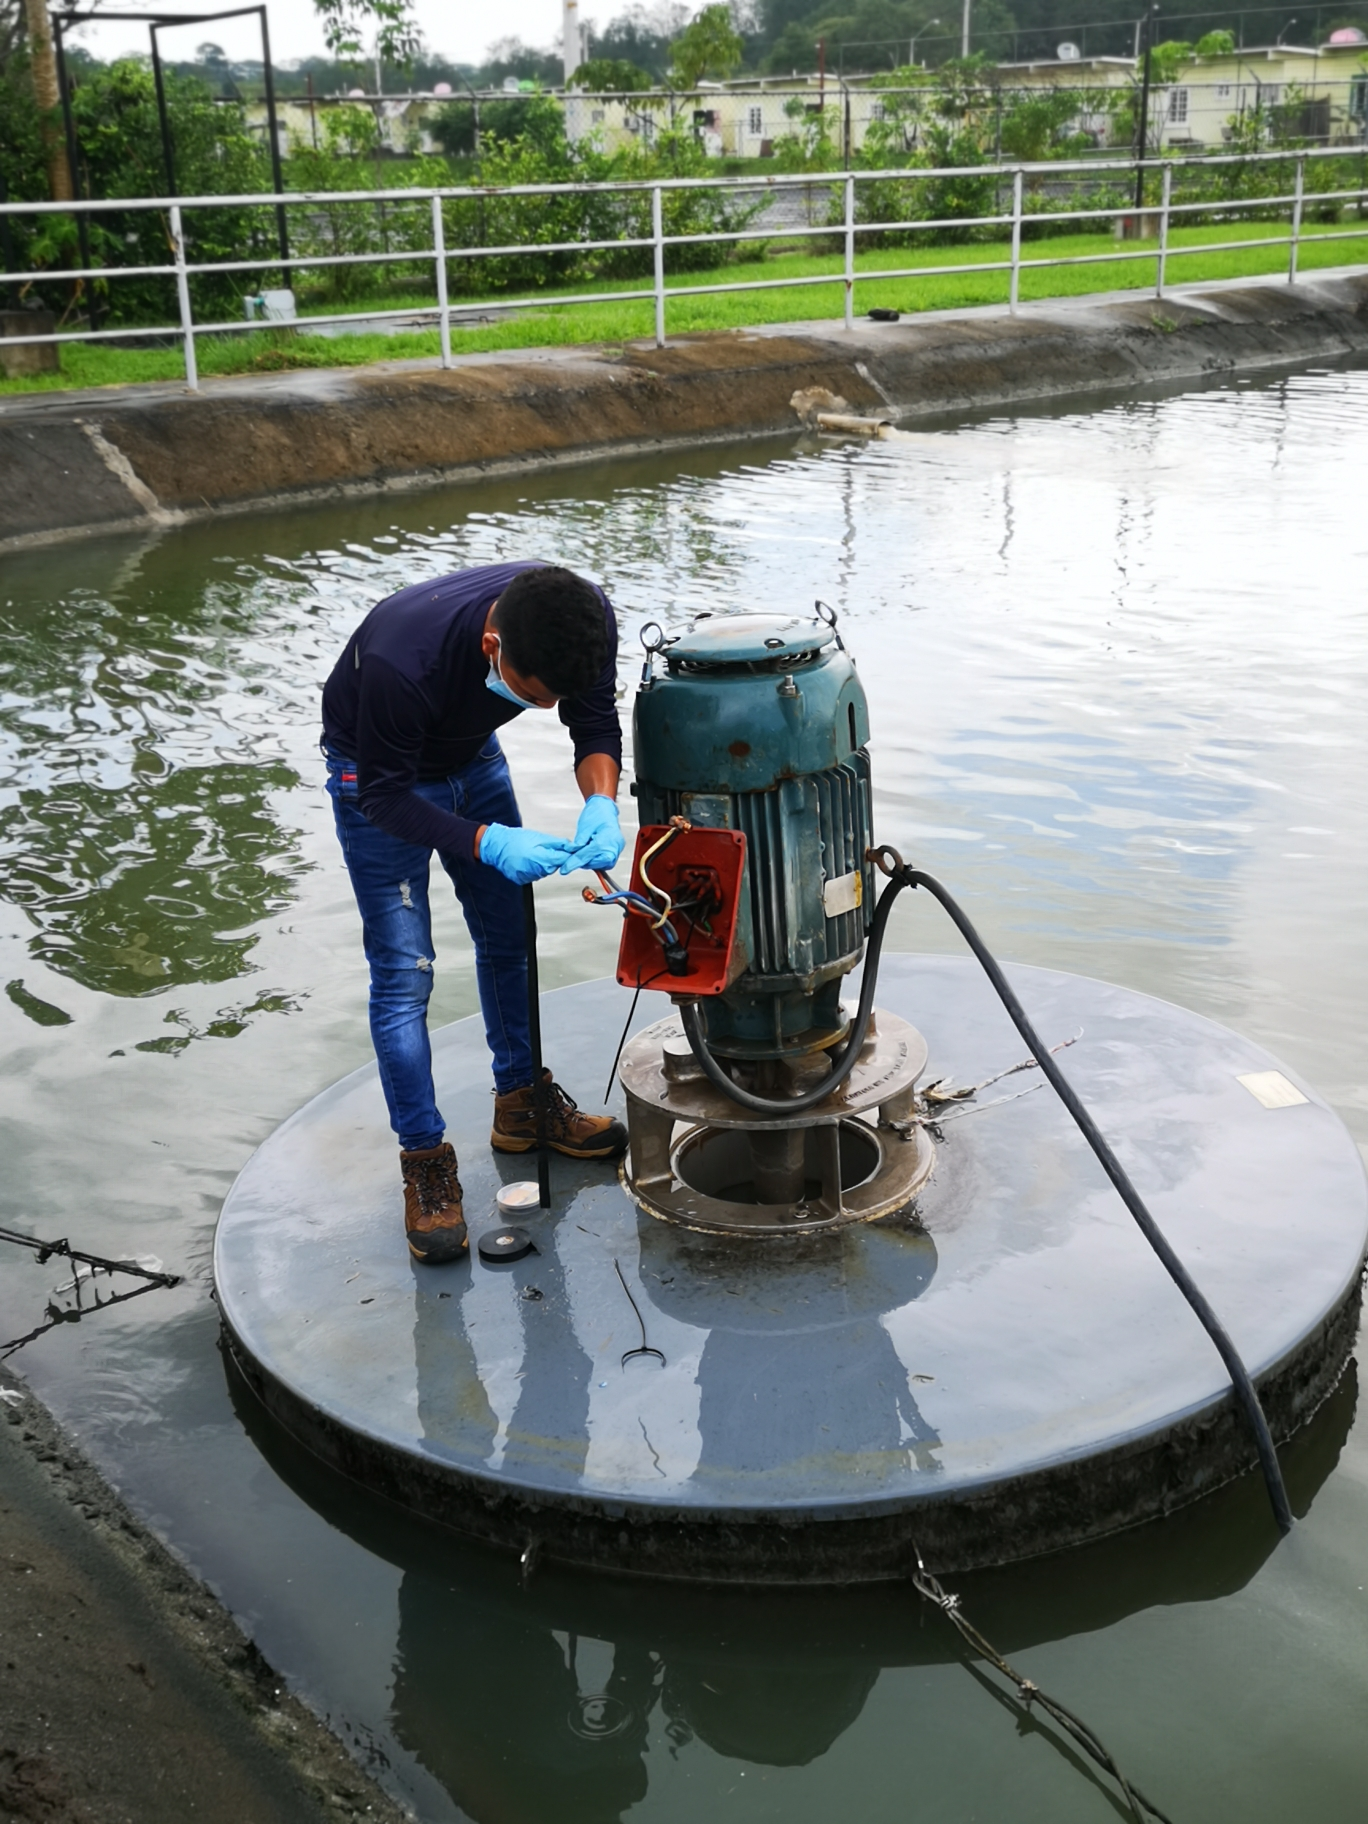 Mantenimiento de aireadores - PTAR Verde Mar, Puerto Caimito